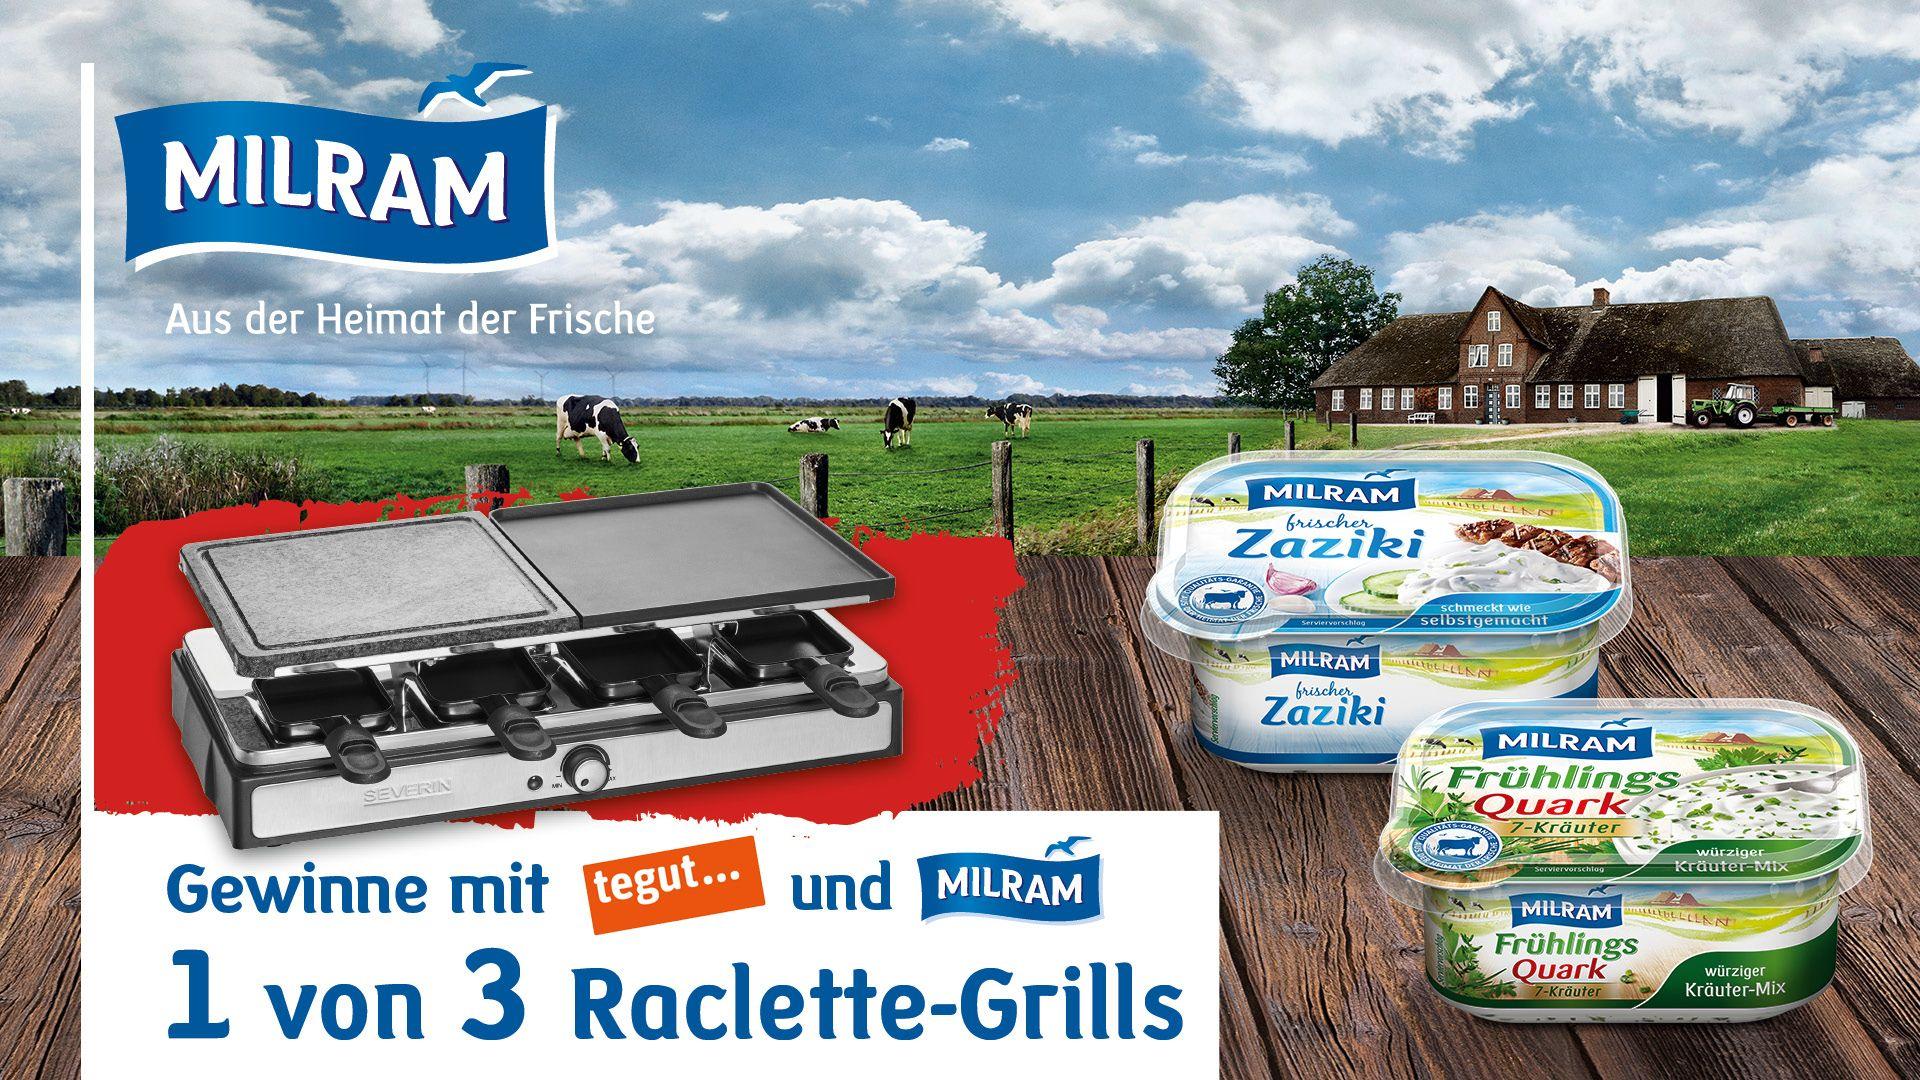 Gewinnspielbanner MILRAM mit tegut... und MILRAM Logo, einem Raclette-Grill, MILRAM Zaziki und MILRAM Frühlings-Quark